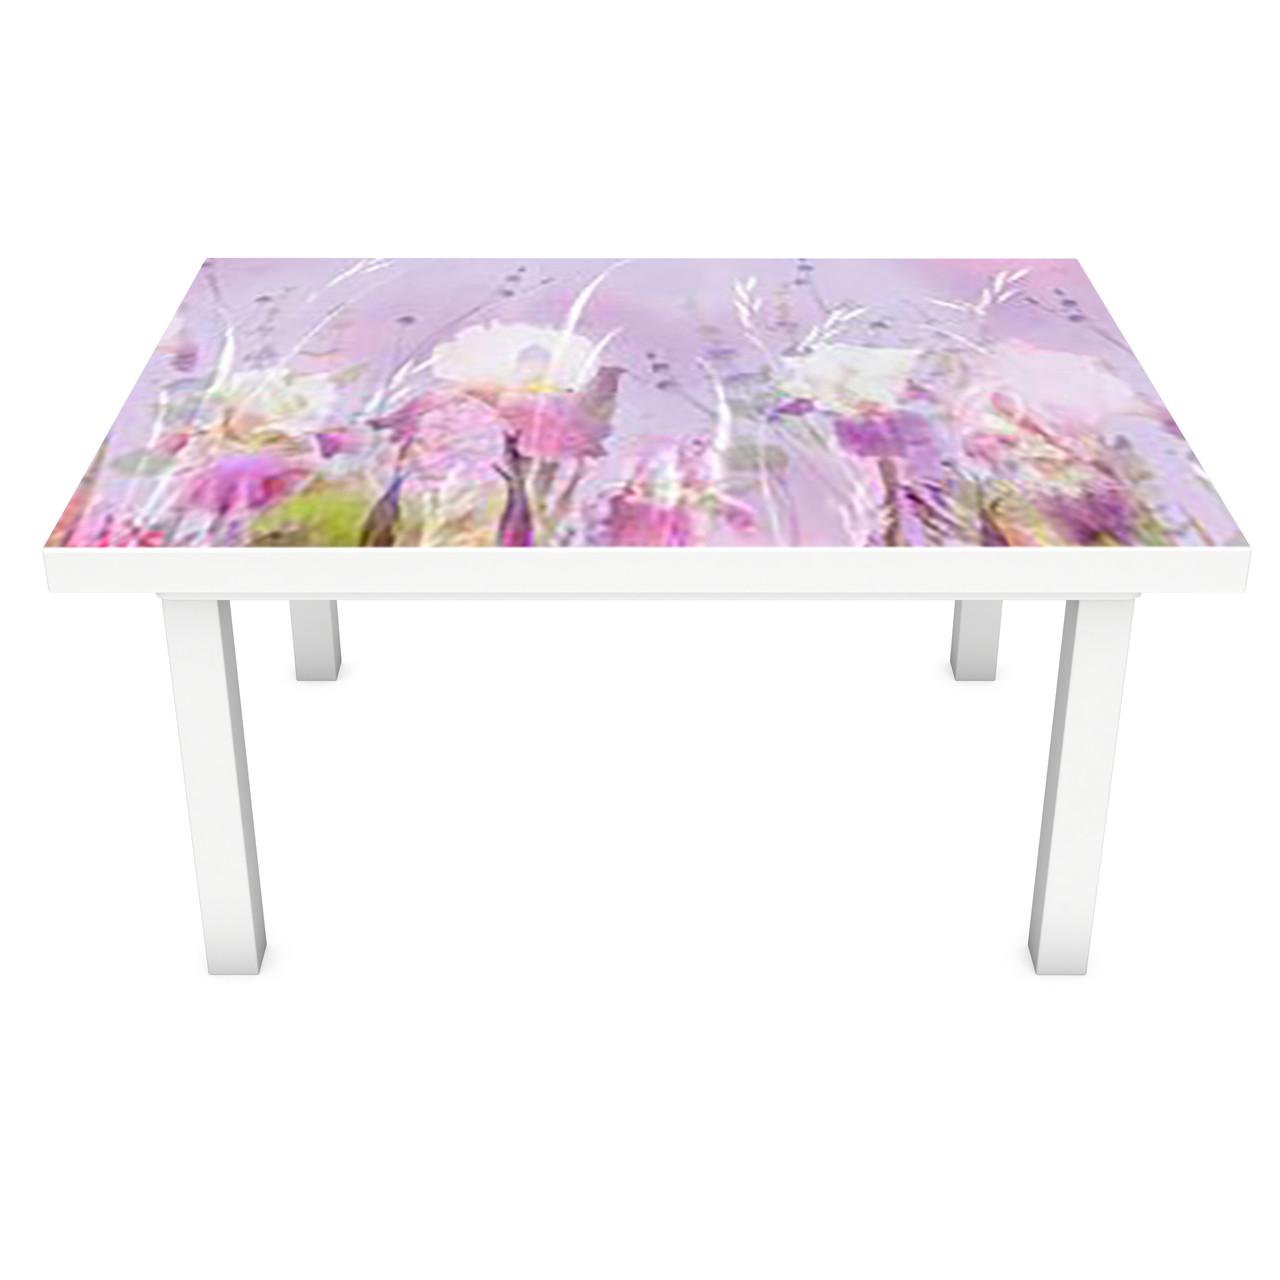 Наклейка на стол Акварельные Ирисы (3Д виниловая пленка 3Д) краски Цветы Фиолетовый 600*1200 мм